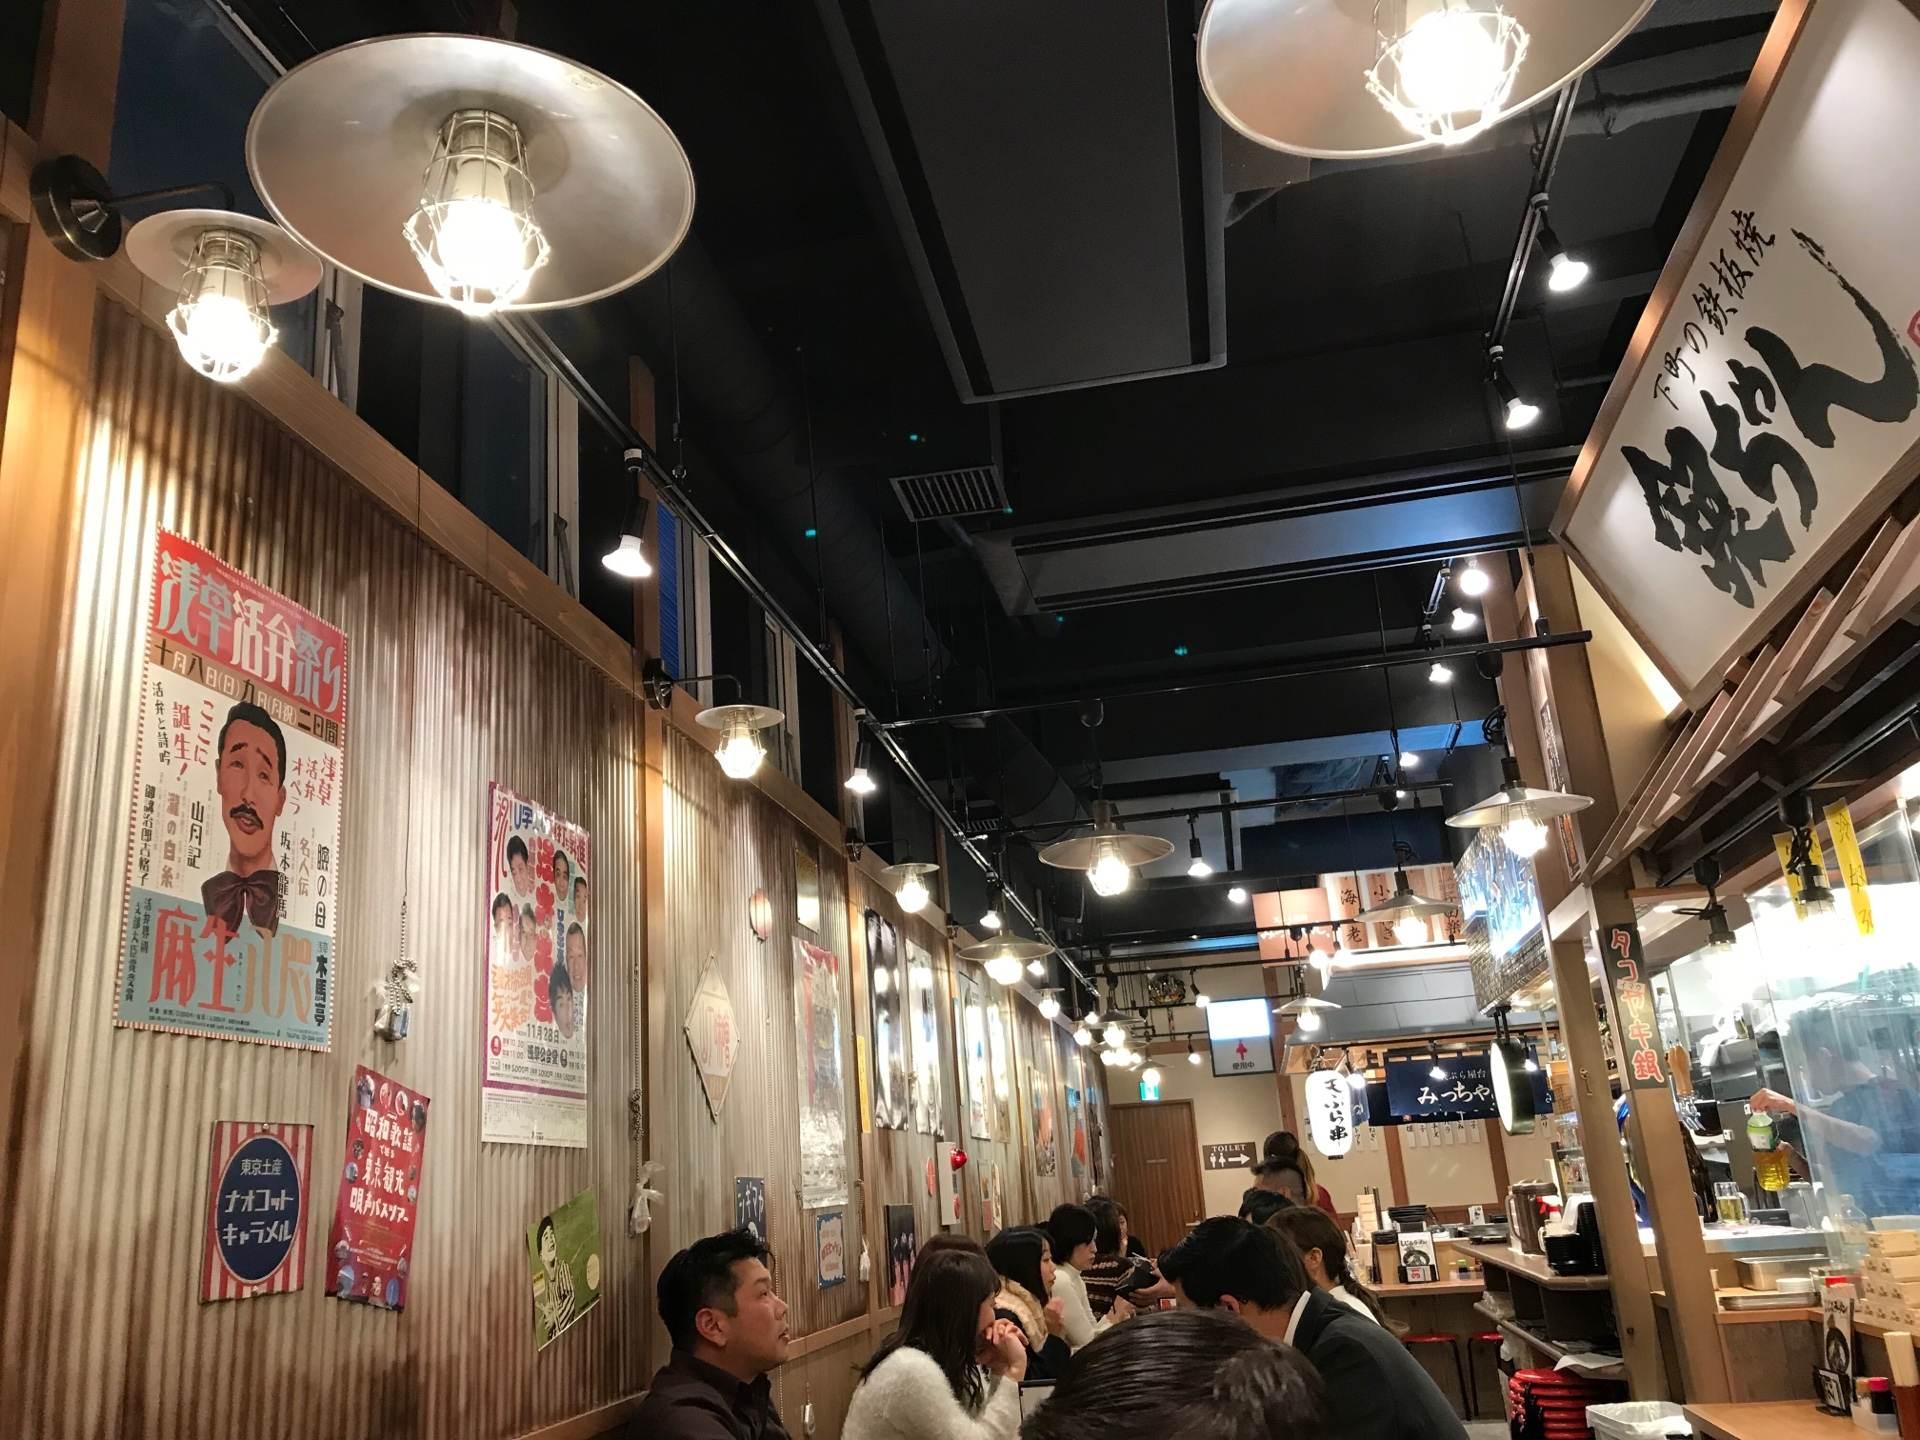 卤大肠和炖牛筋都非常有名的浅草「ホッピー通り」